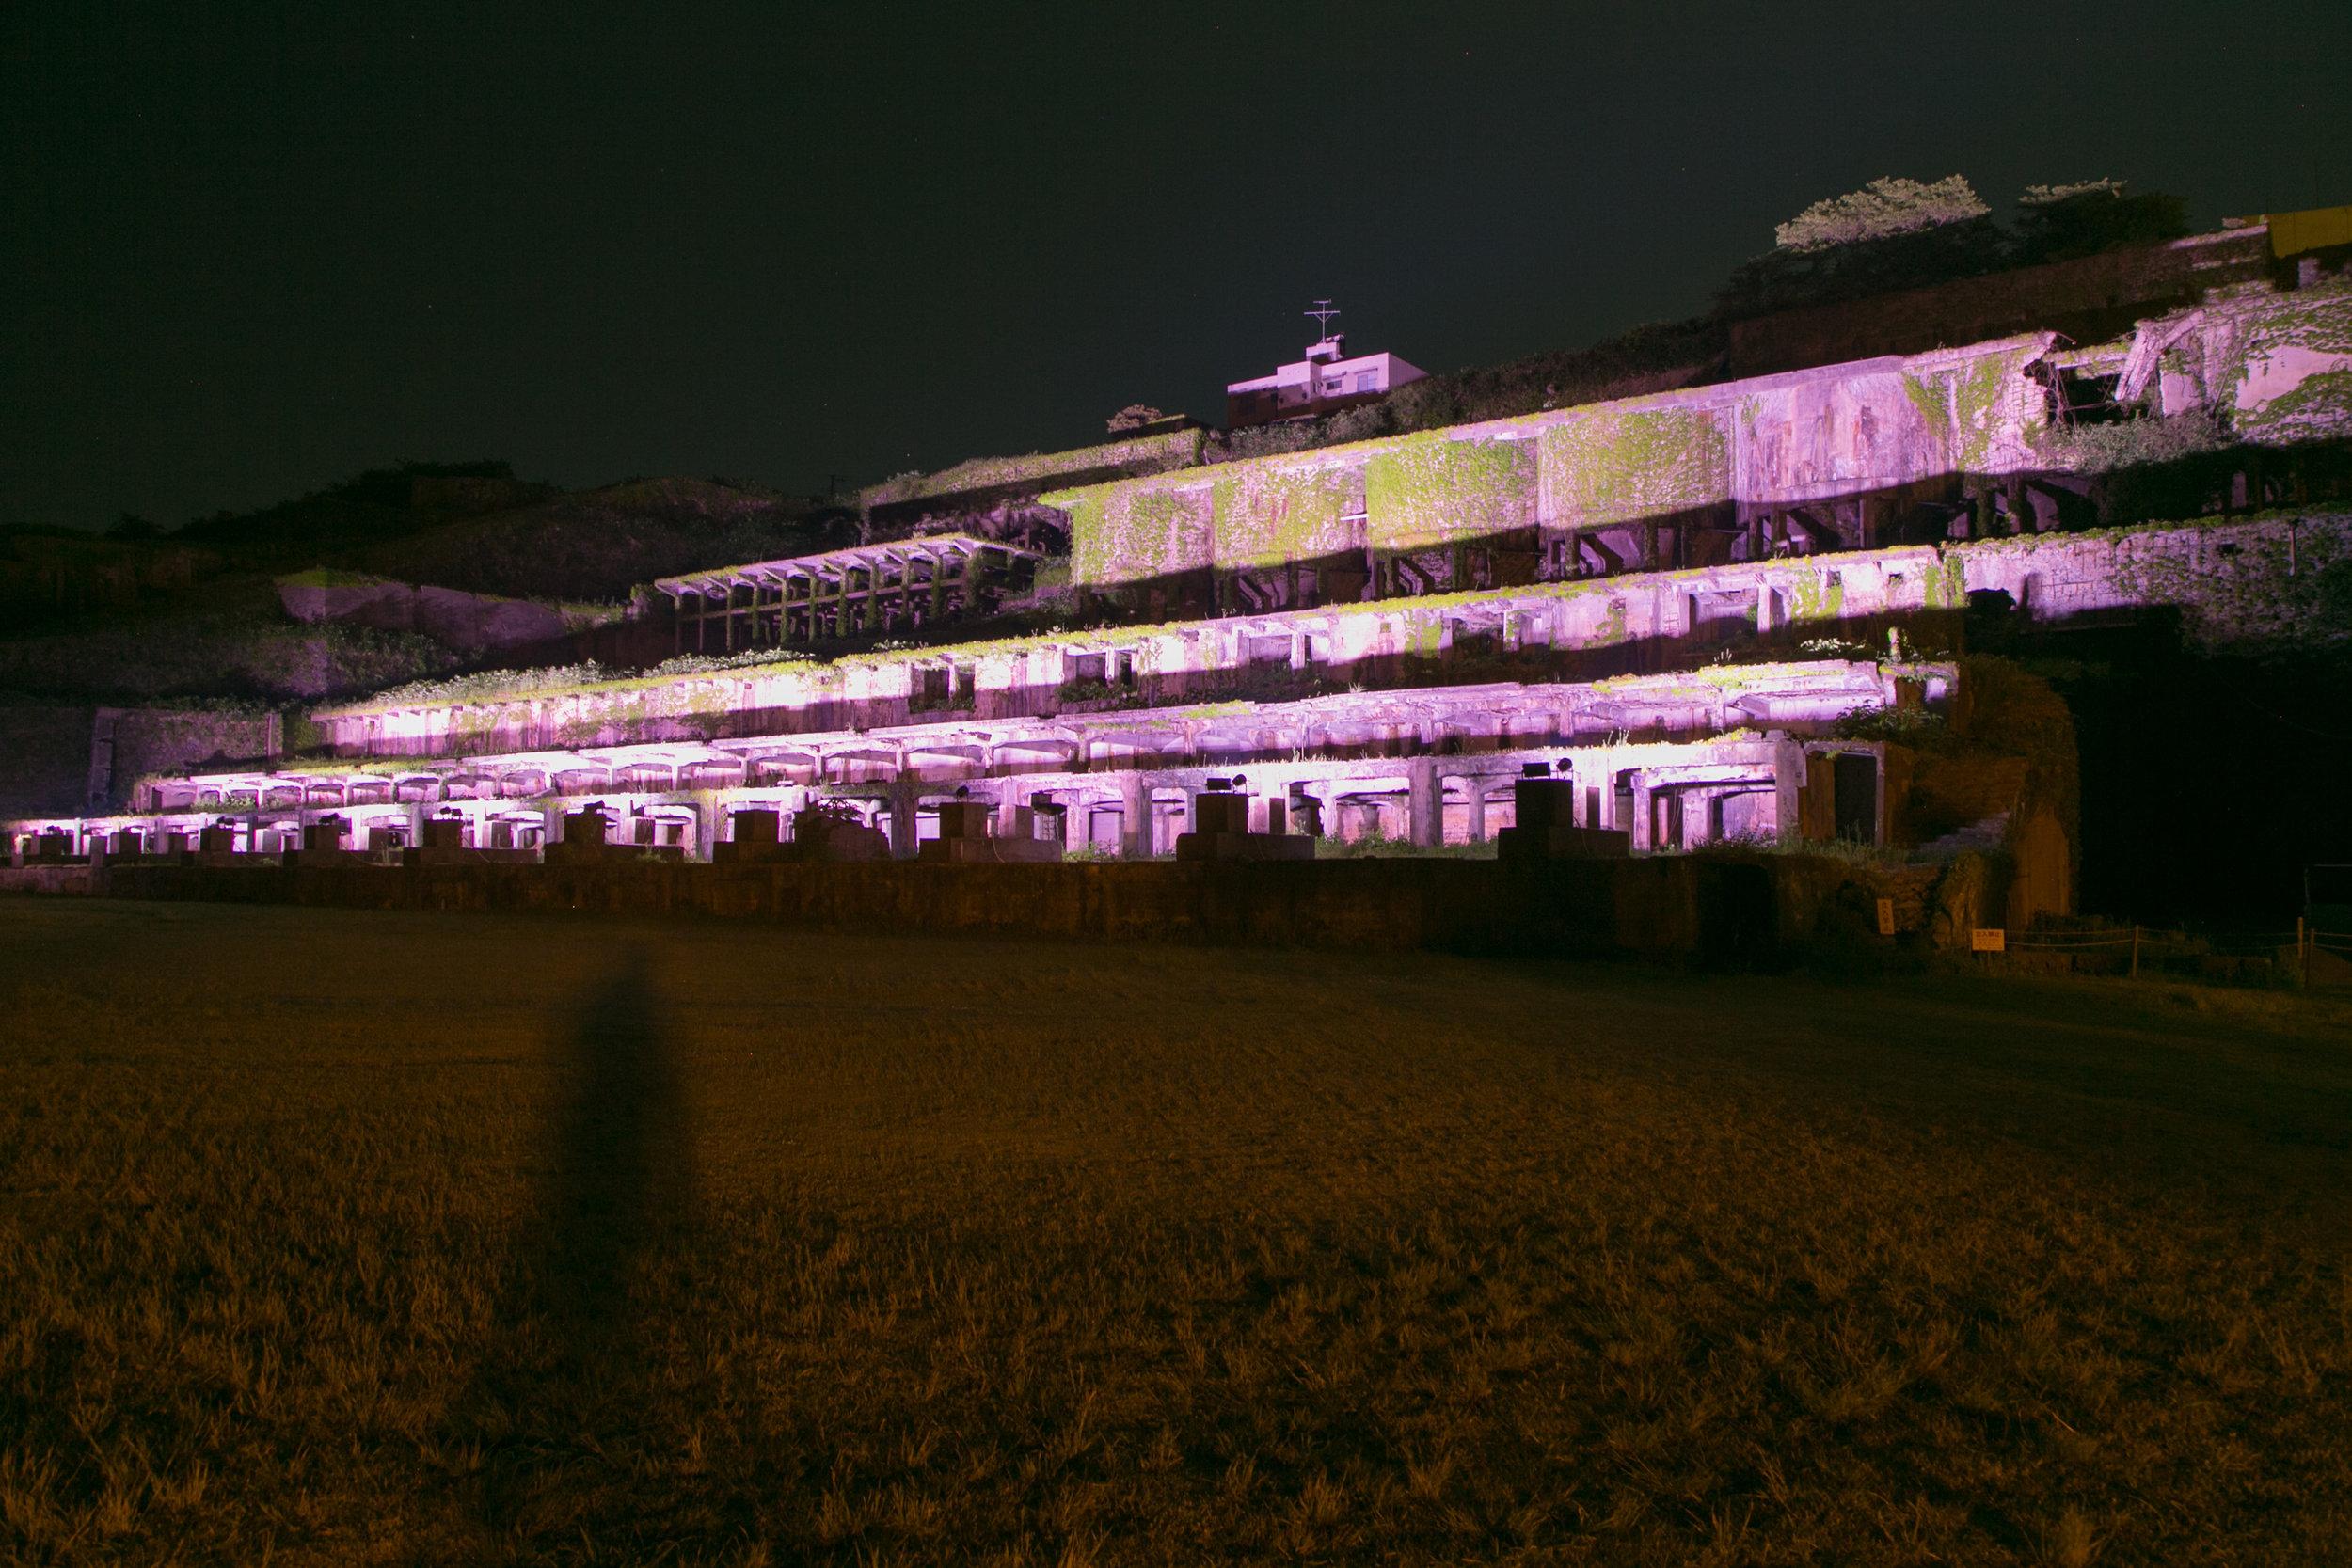 ライトアップ時の北沢浮遊選鉱場